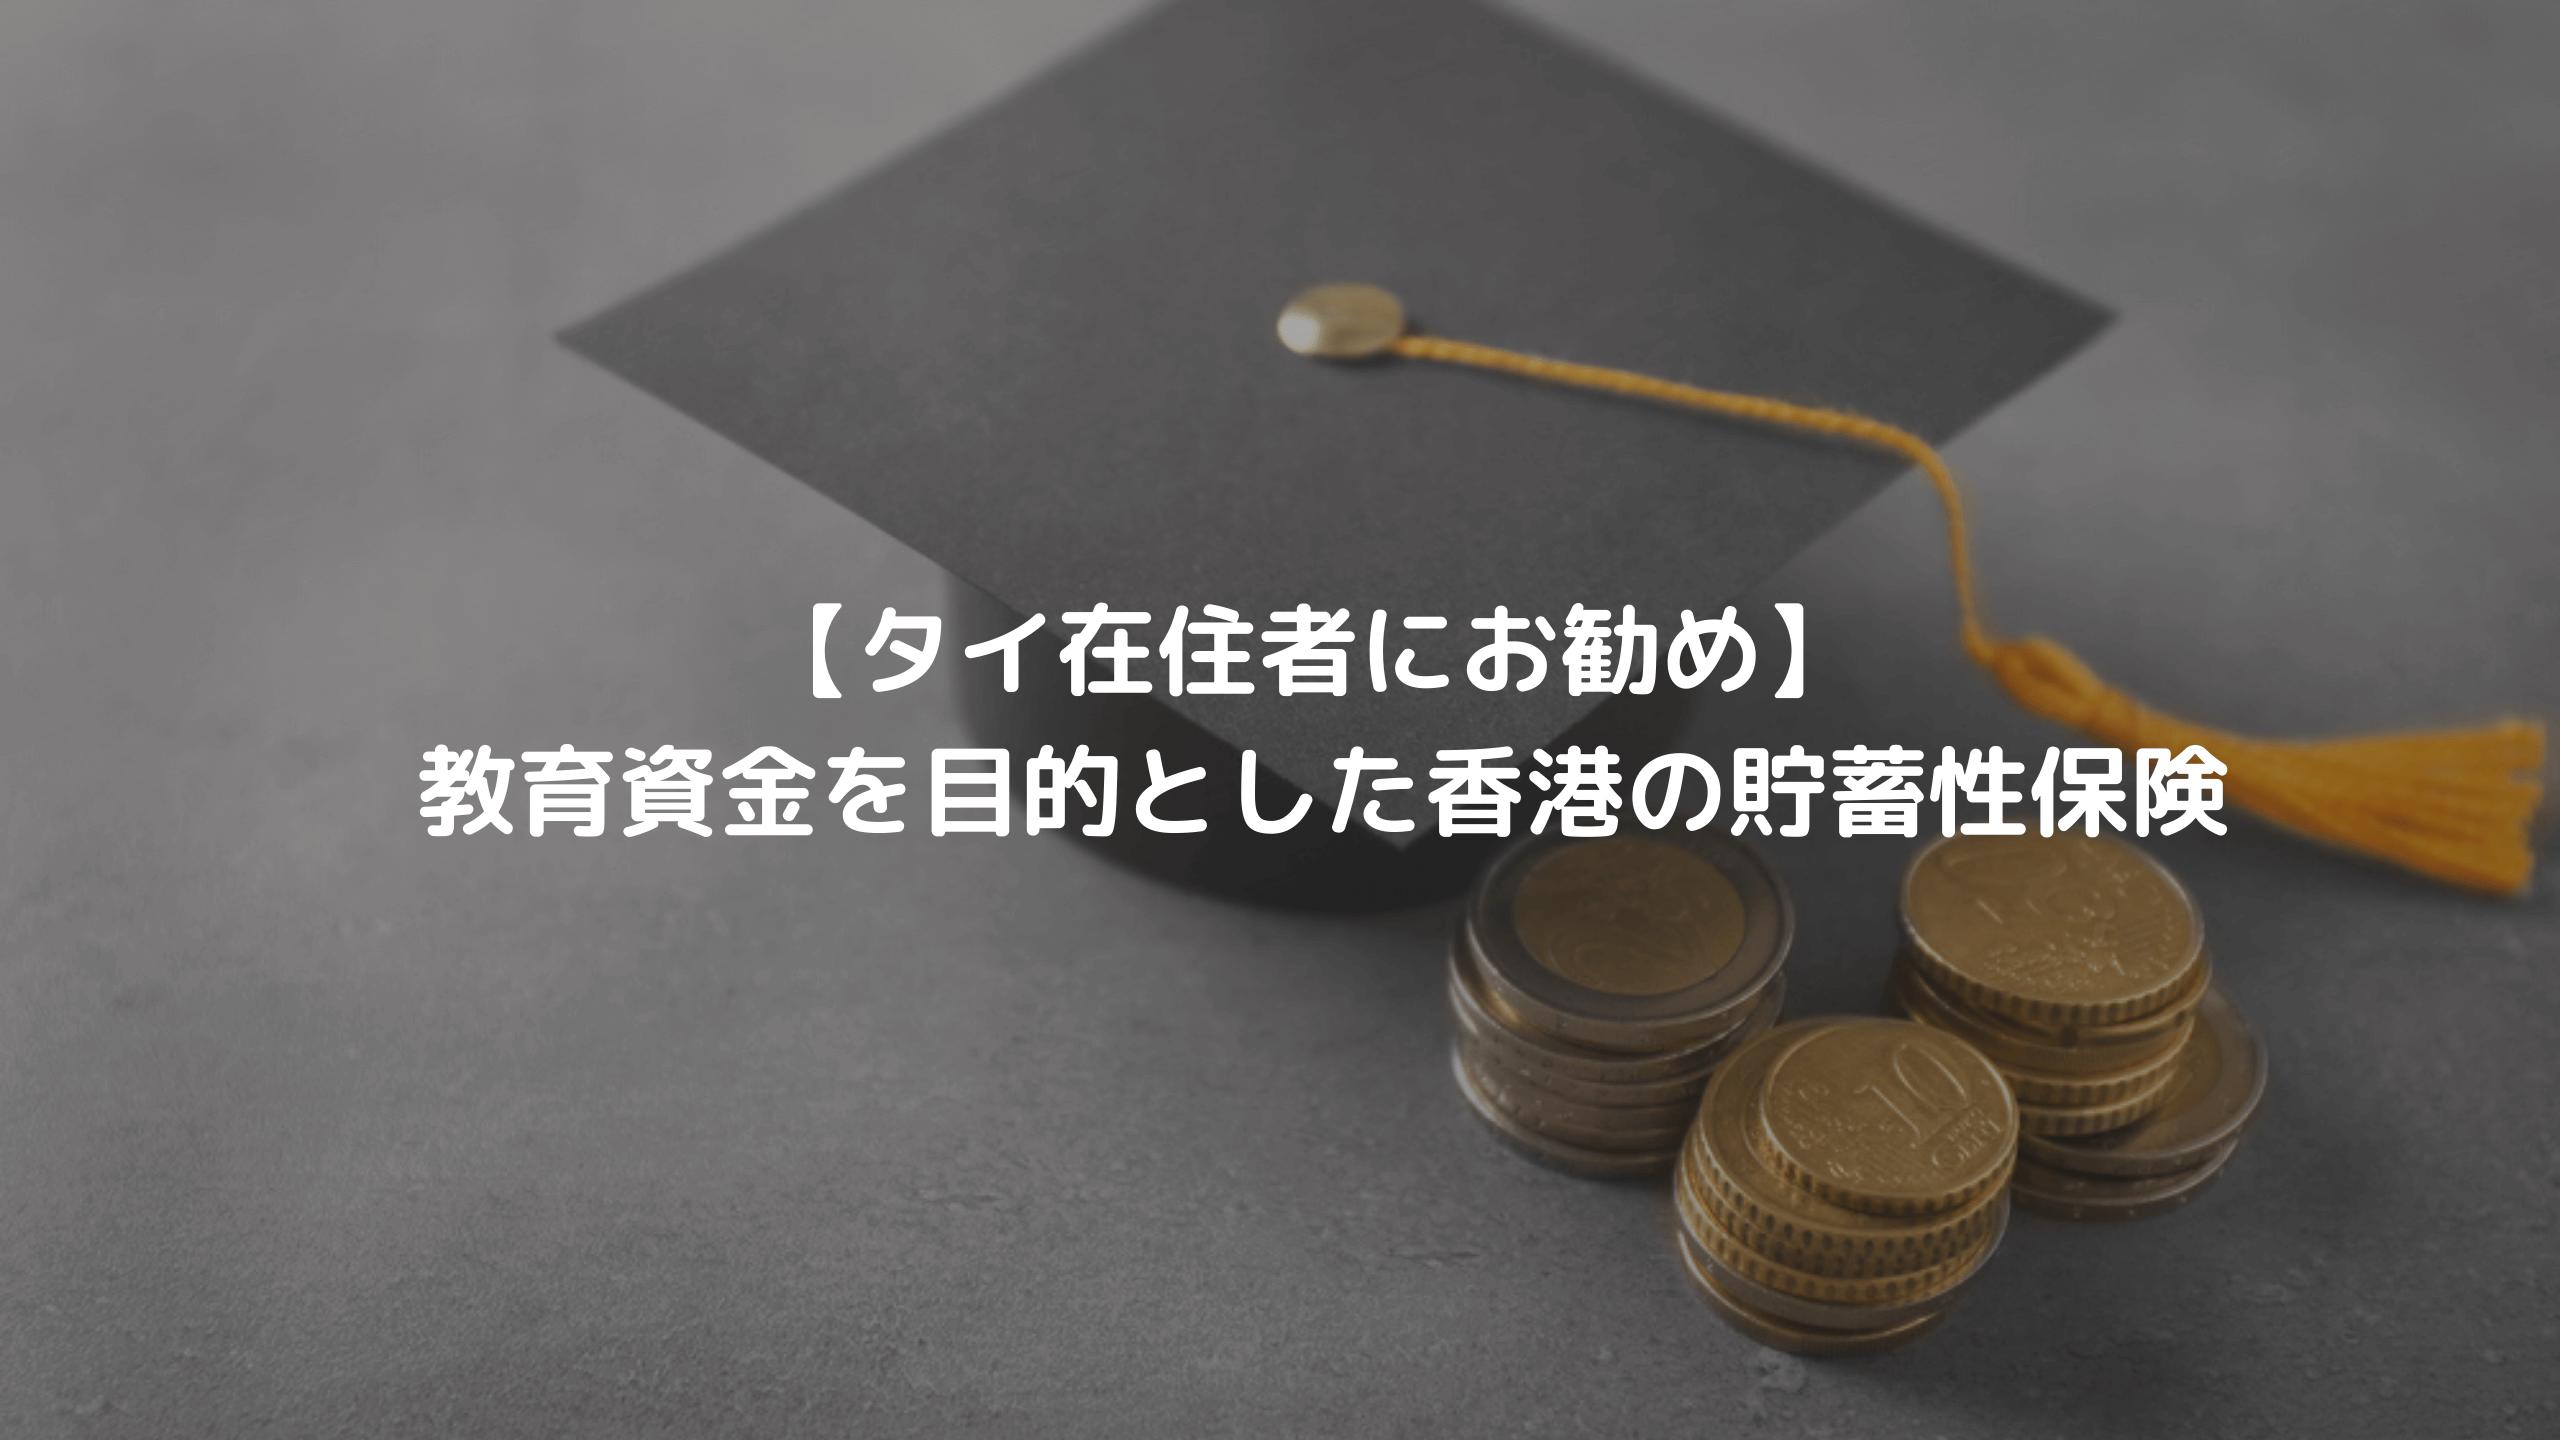 【タイ在住者にお勧め】 教育資金を目的とした香港の貯蓄性保険